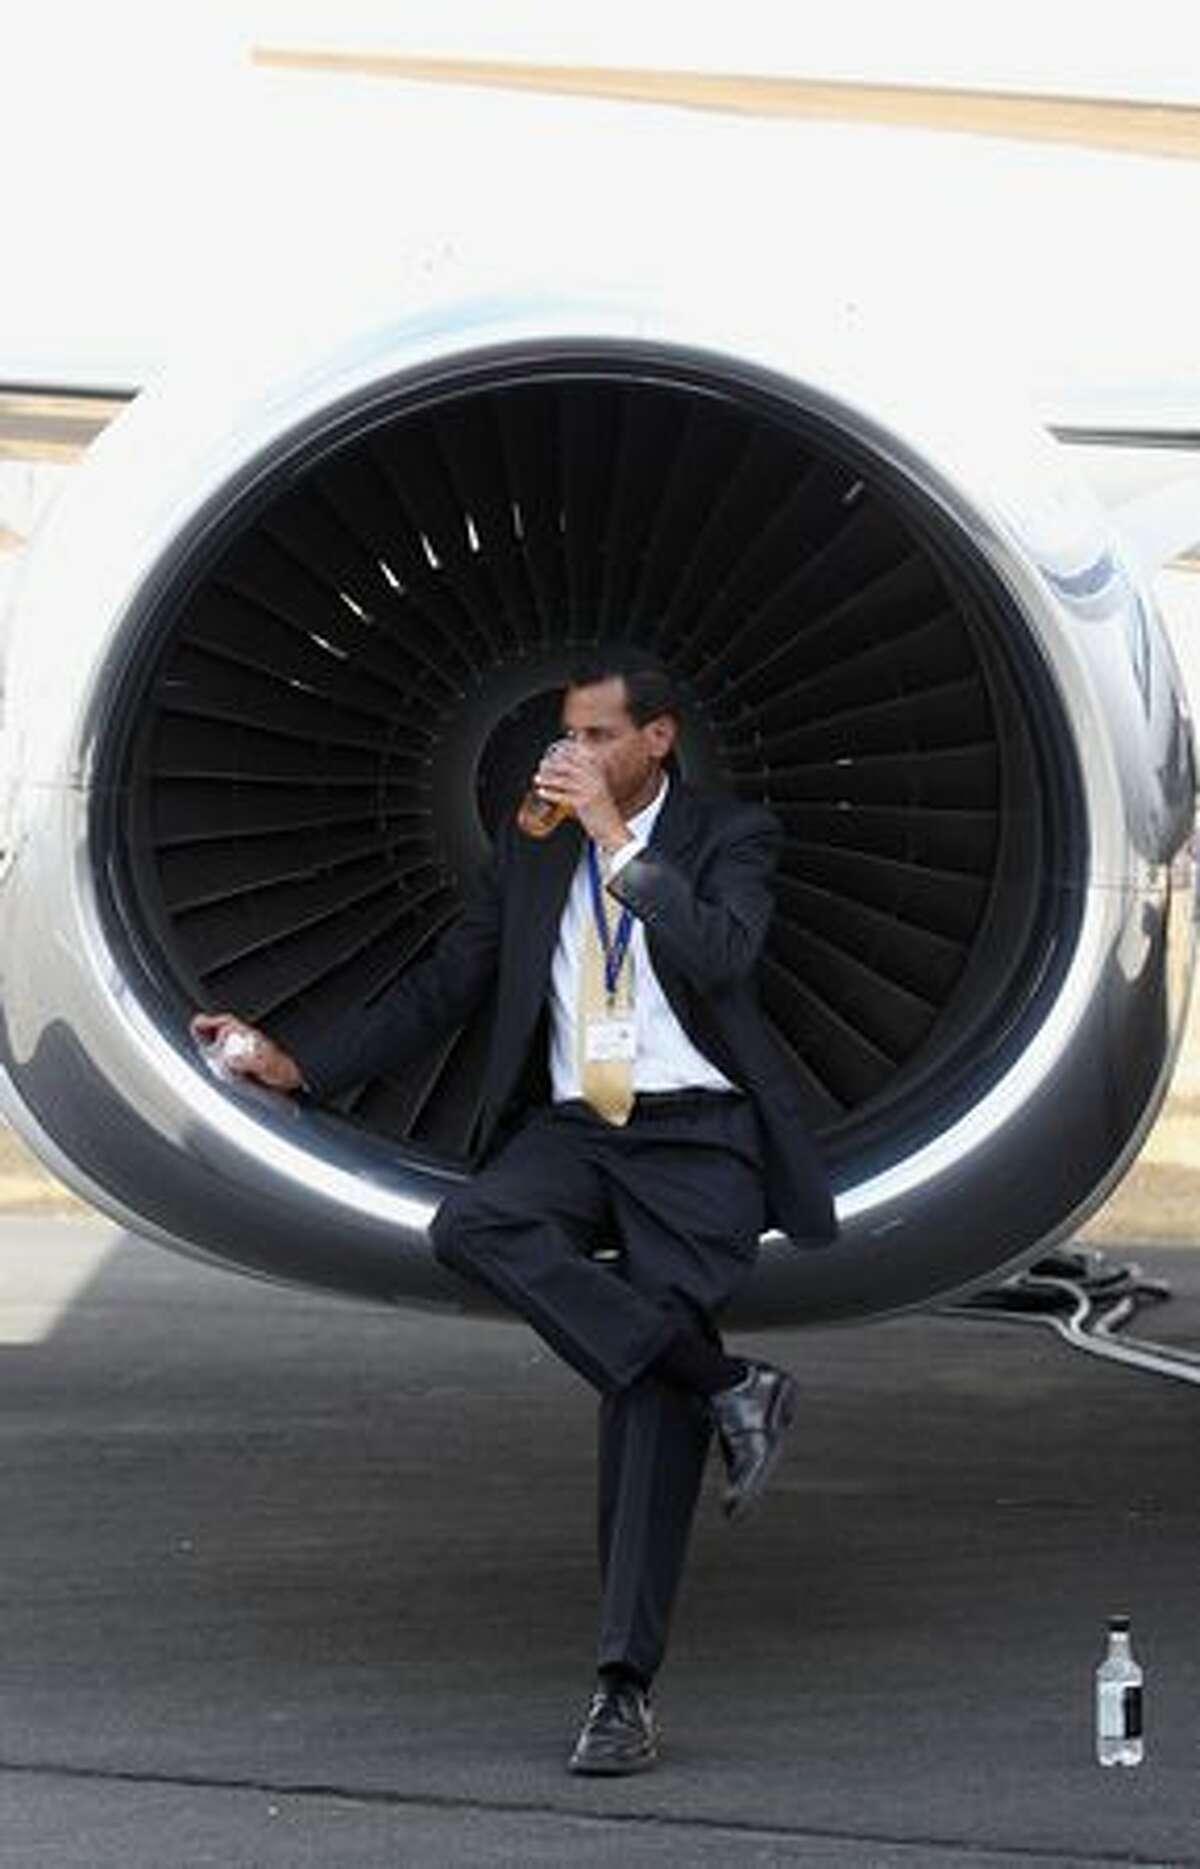 A man relaxes at the Farnborough International Airshow, in Farnborough, England.